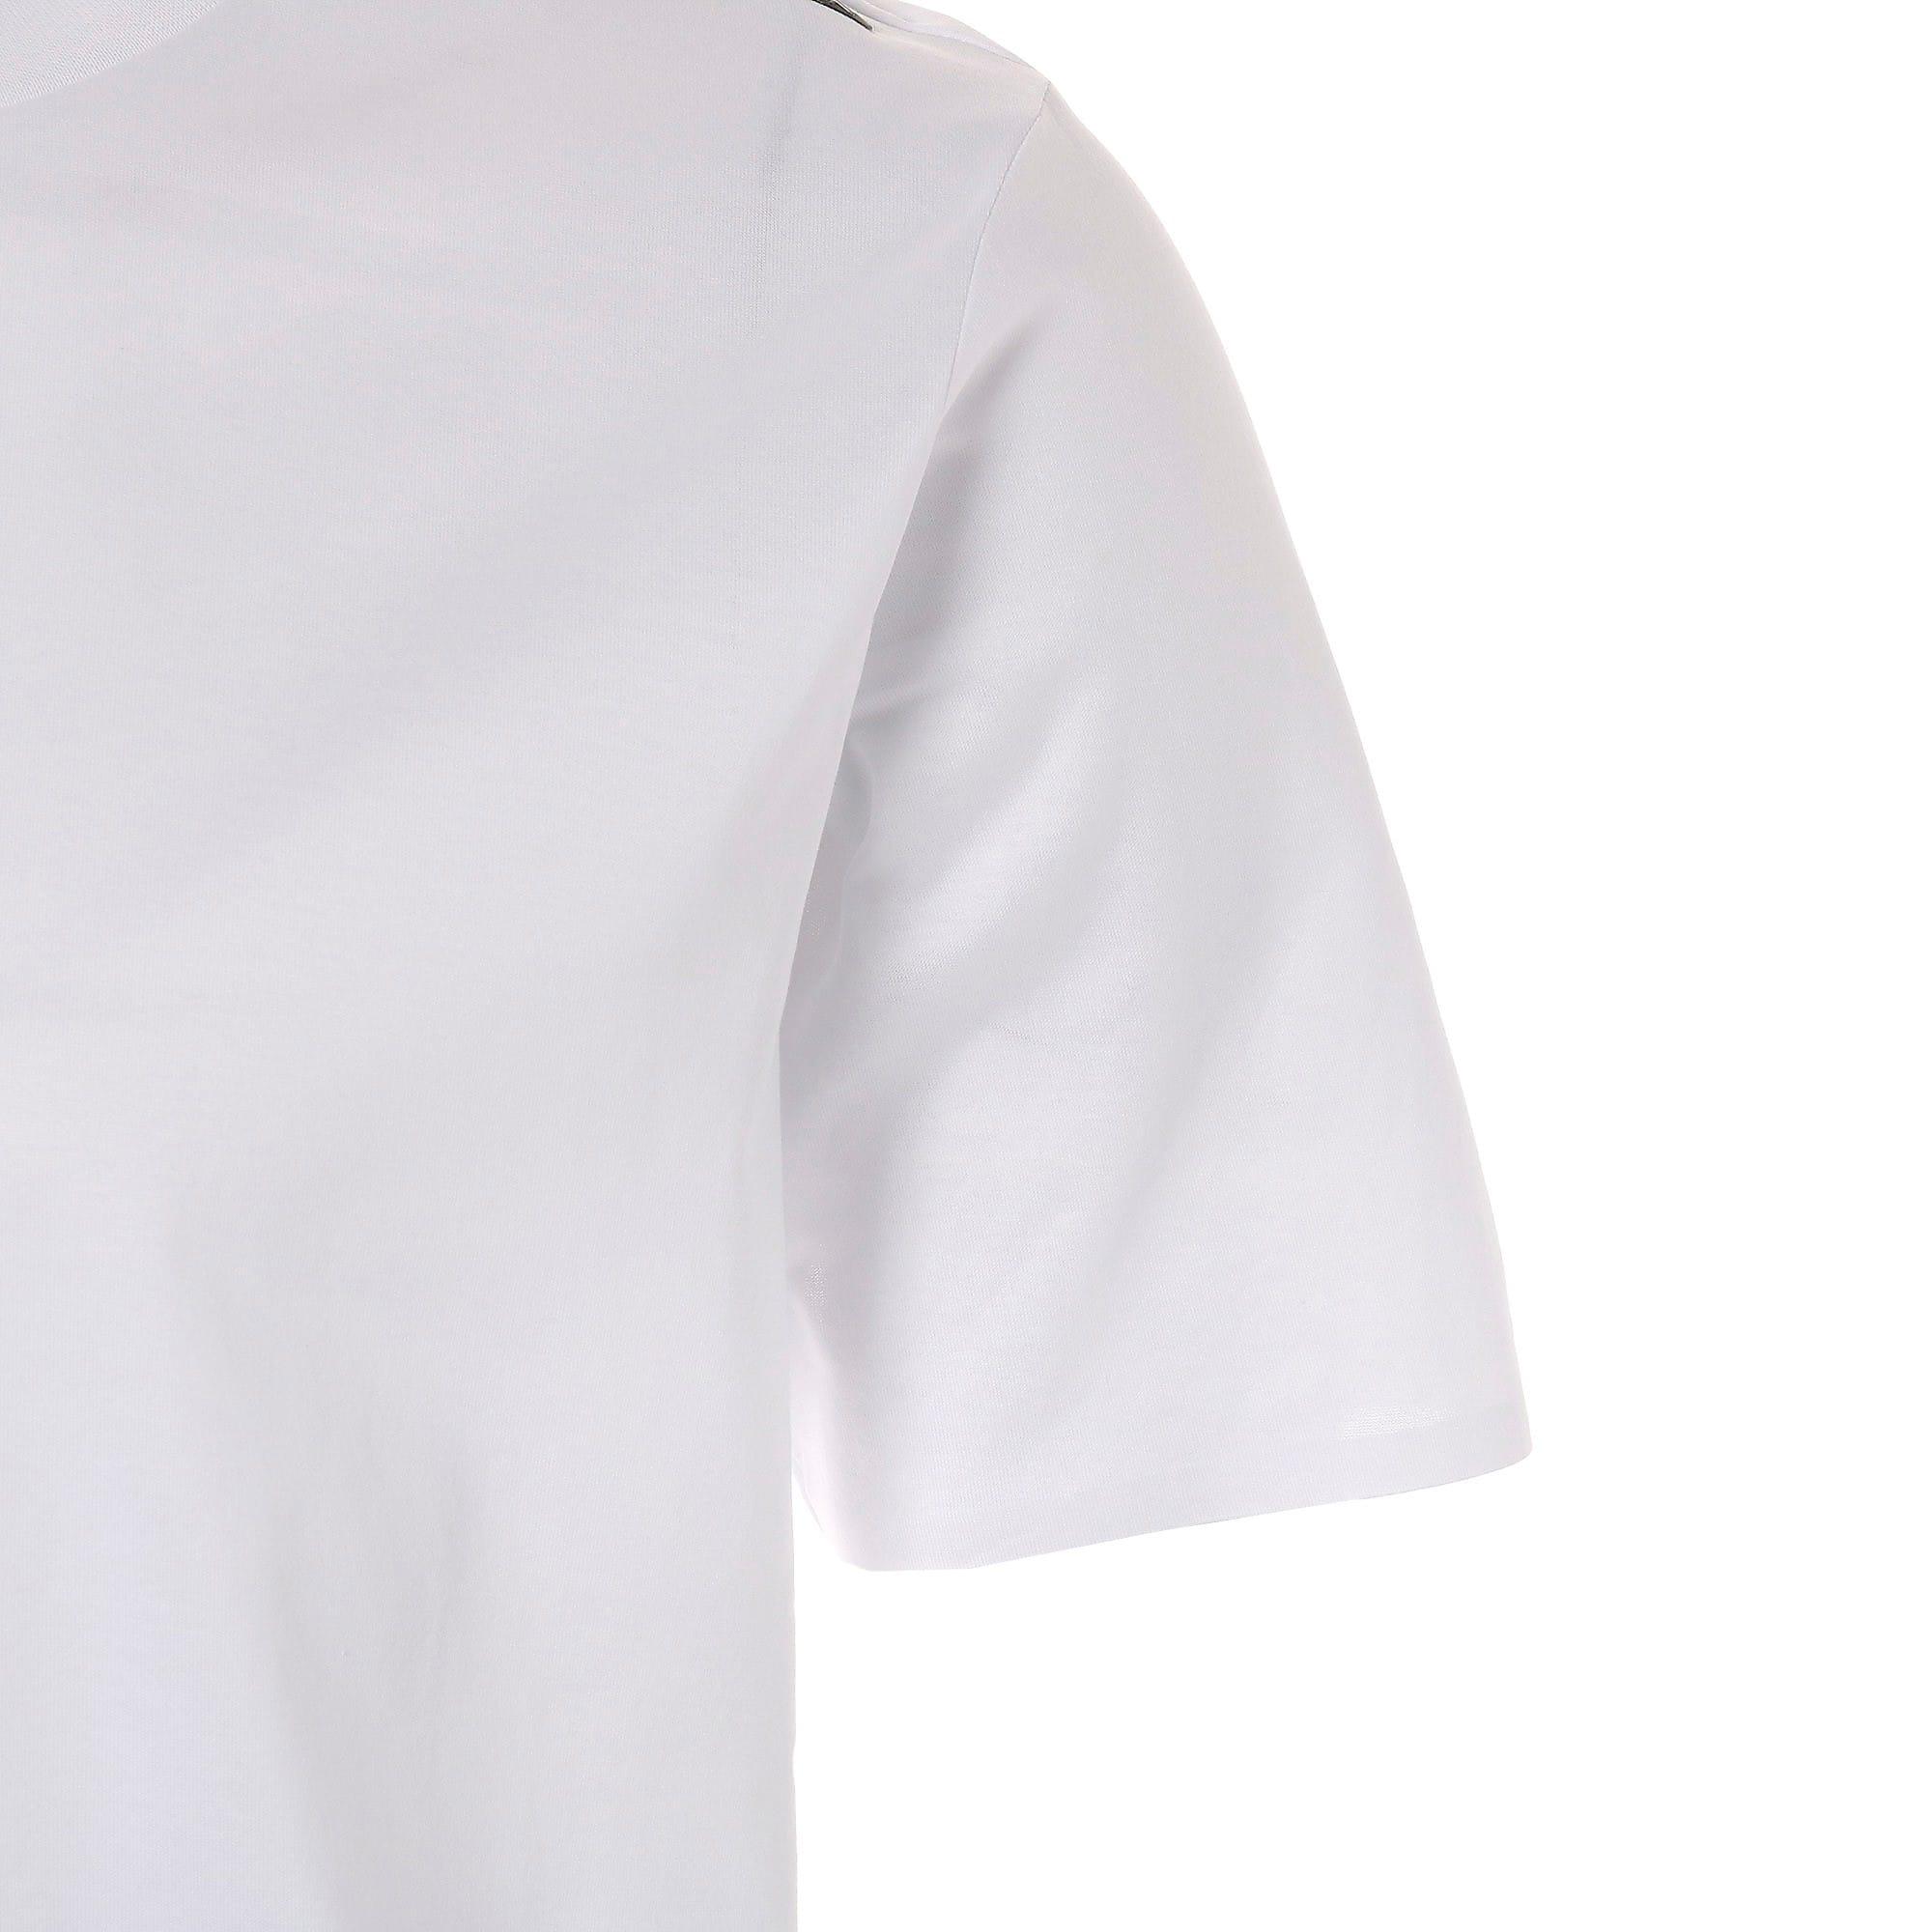 Thumbnail 5 of PORSCHE DESIGN  ライフ Tシャツ, Puma White, medium-JPN